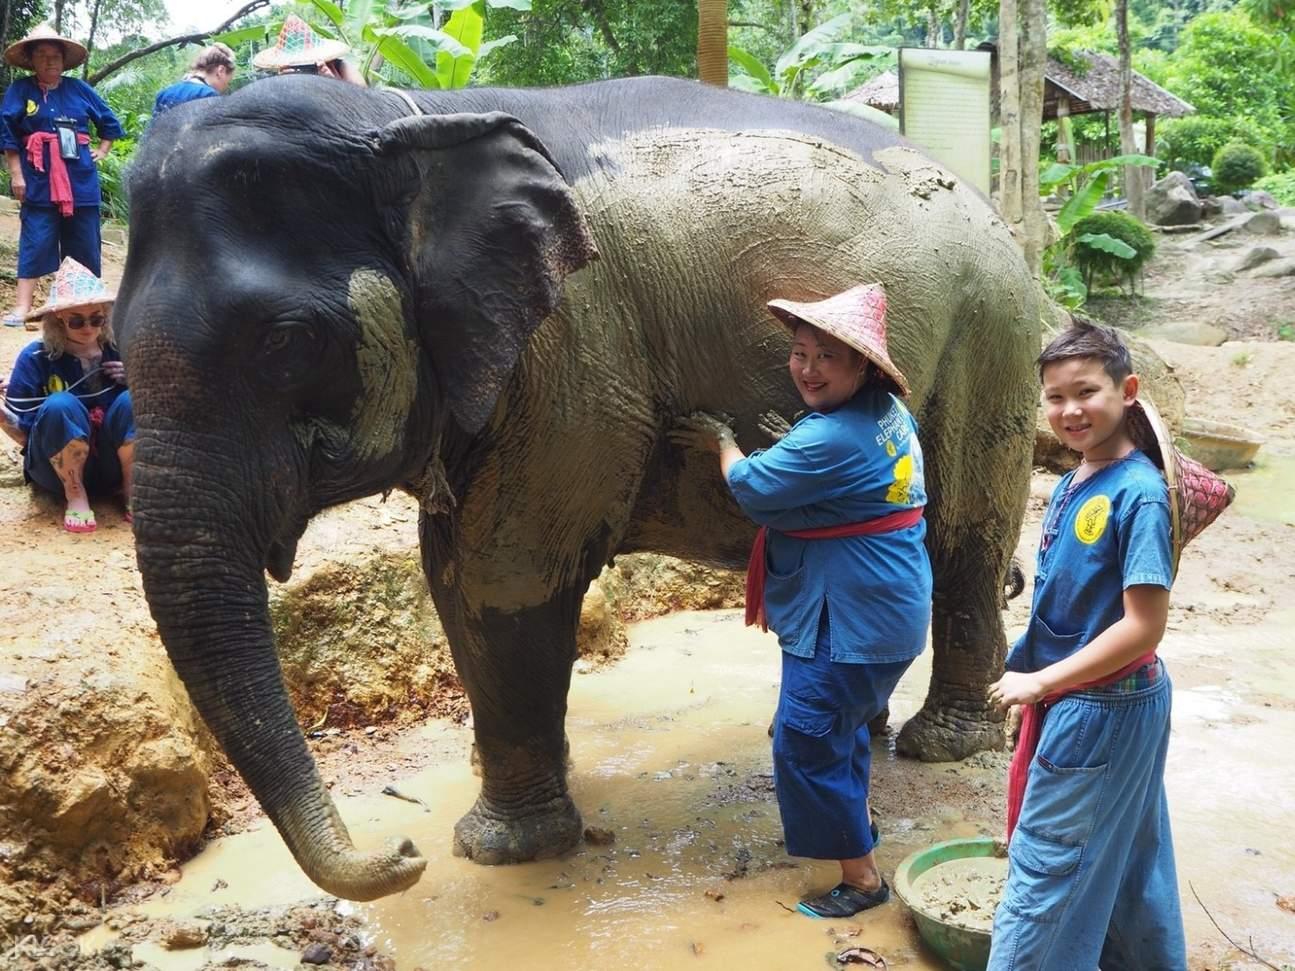 elephant care experience phuket